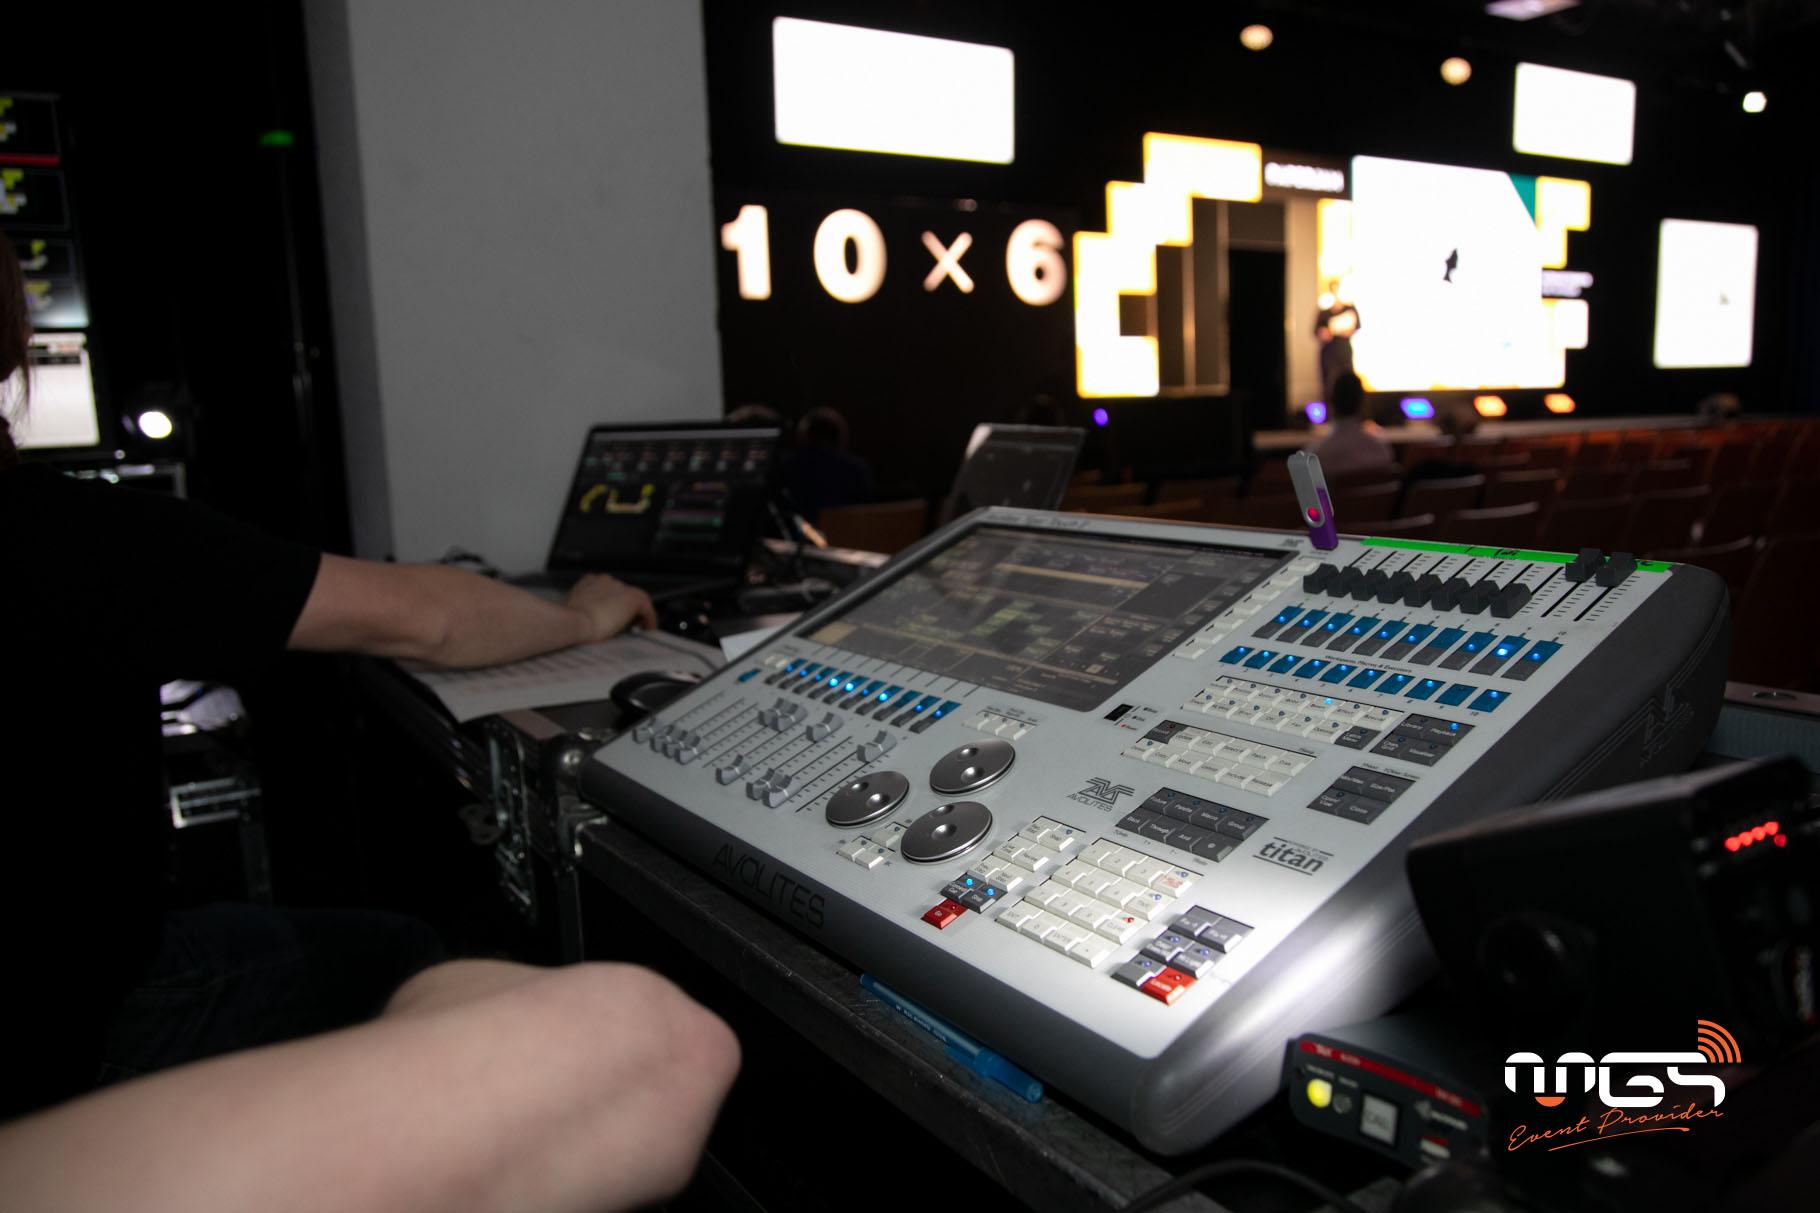 Conférence paperjam mise en place par MGS avec fond de scène en écran led et panneaux matrix.